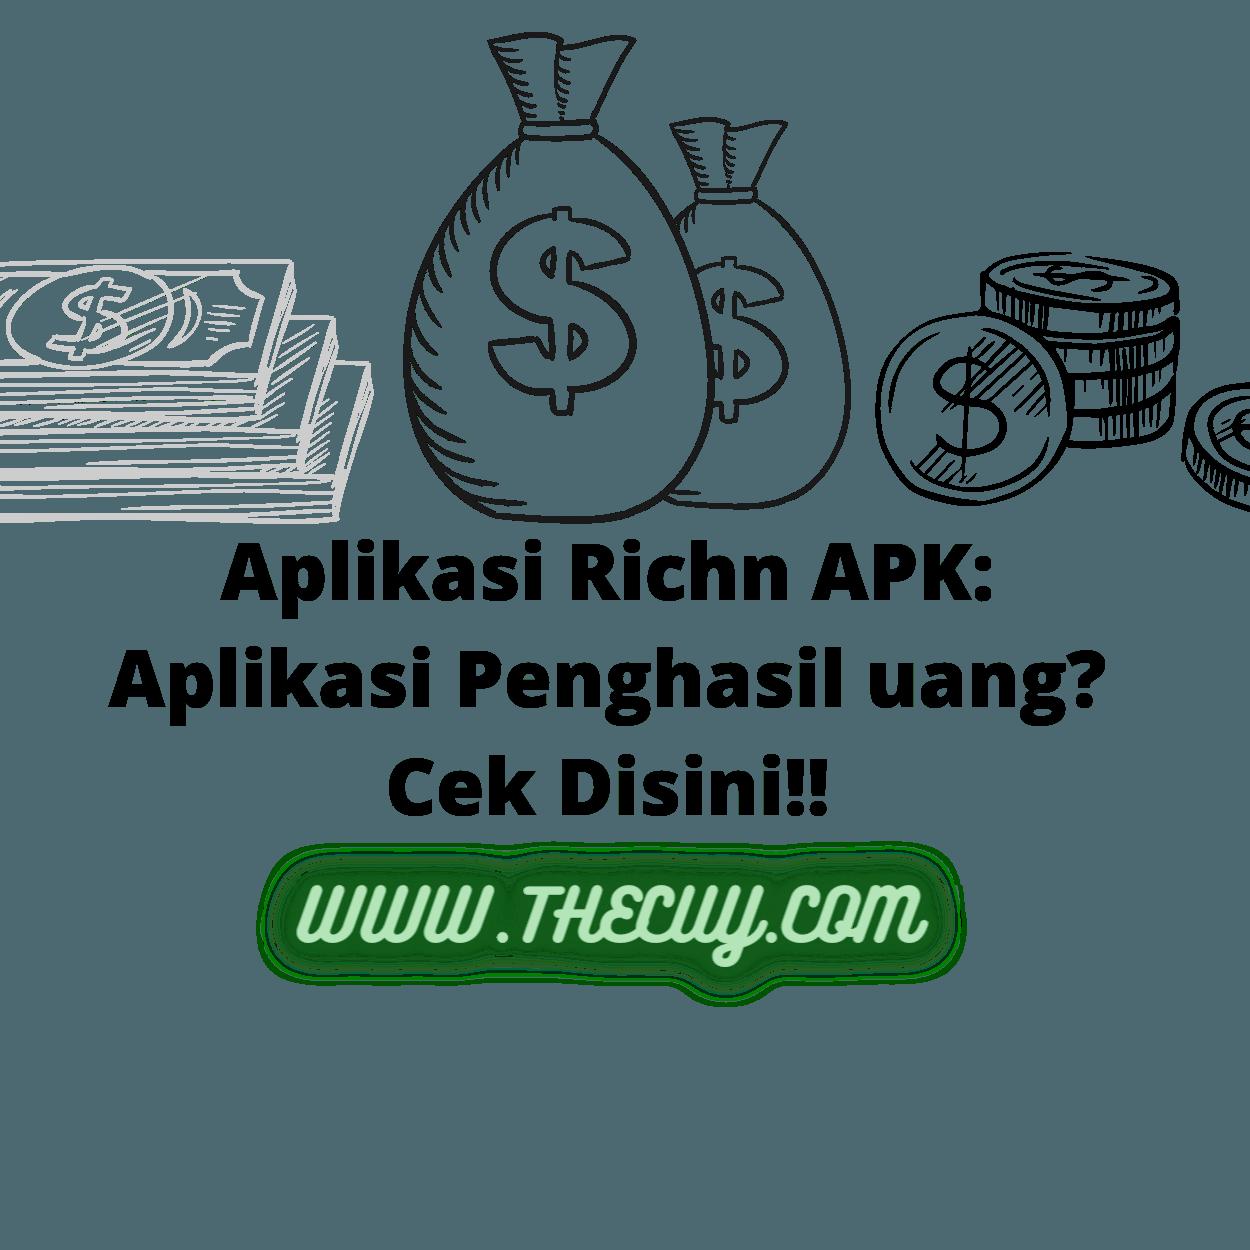 Aplikasi Richn APK: Aplikasi Penghasil uang? Cek Disini!!